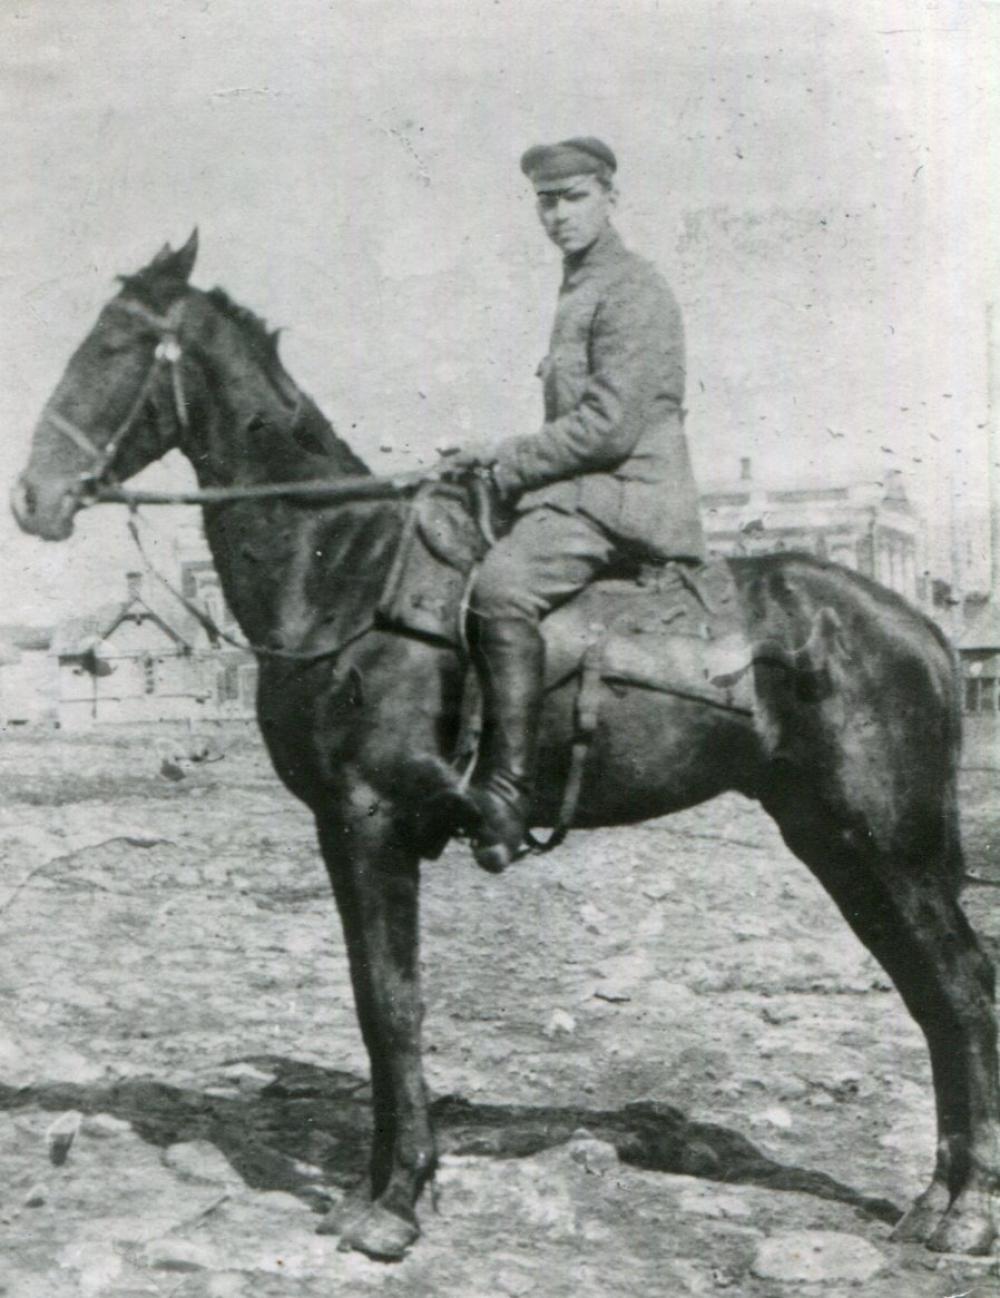 Пётр Петрович Зутис на Восточной фронте, 1919 год.